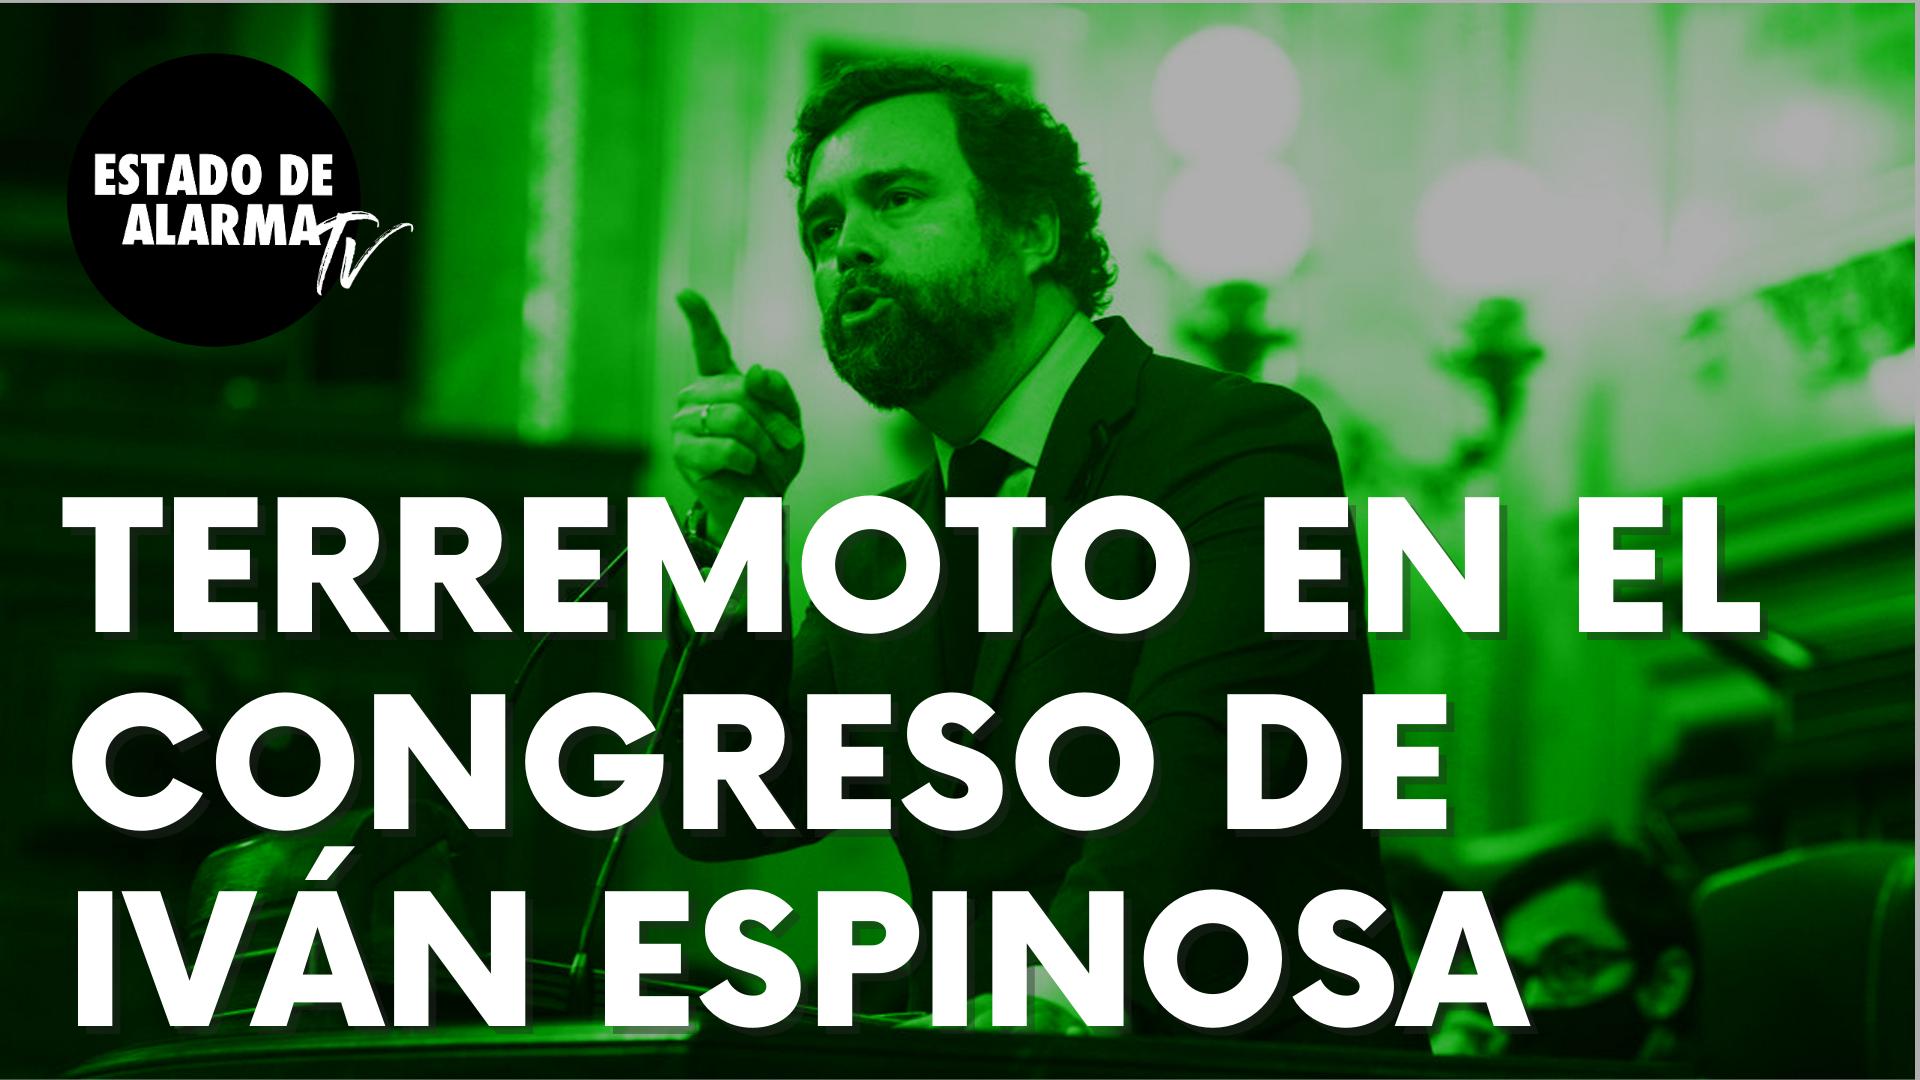 """Iván Espinosa provoca un auténtico terremoto en el Congreso contra Podemos: """"No nos van a asustar"""""""